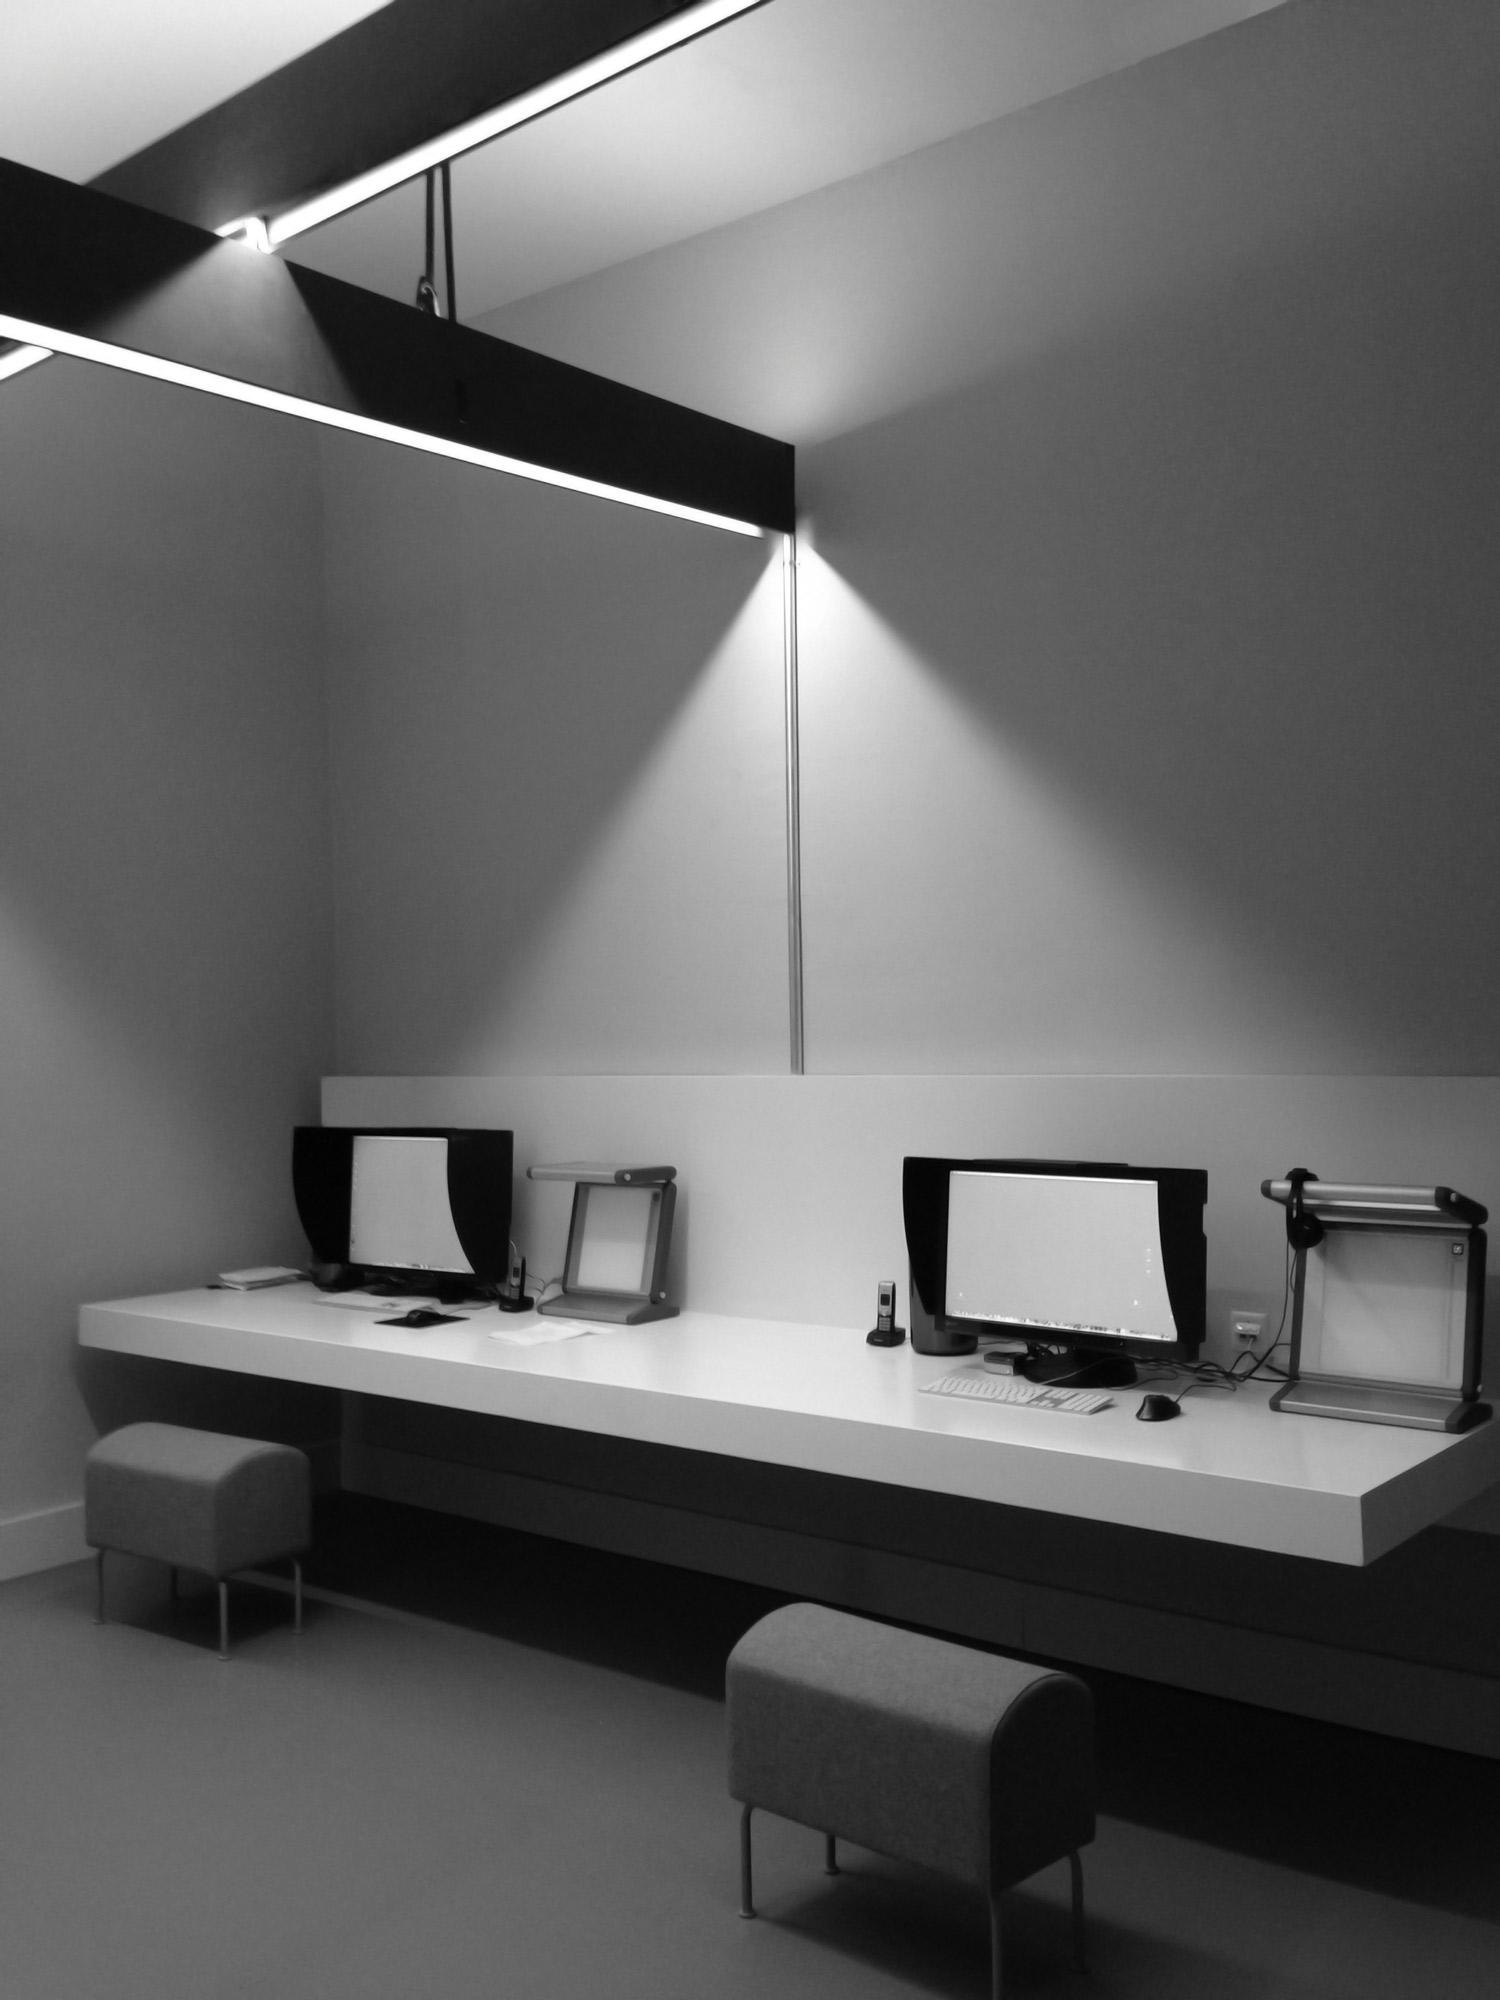 jc-droz-architecture-bombie-003